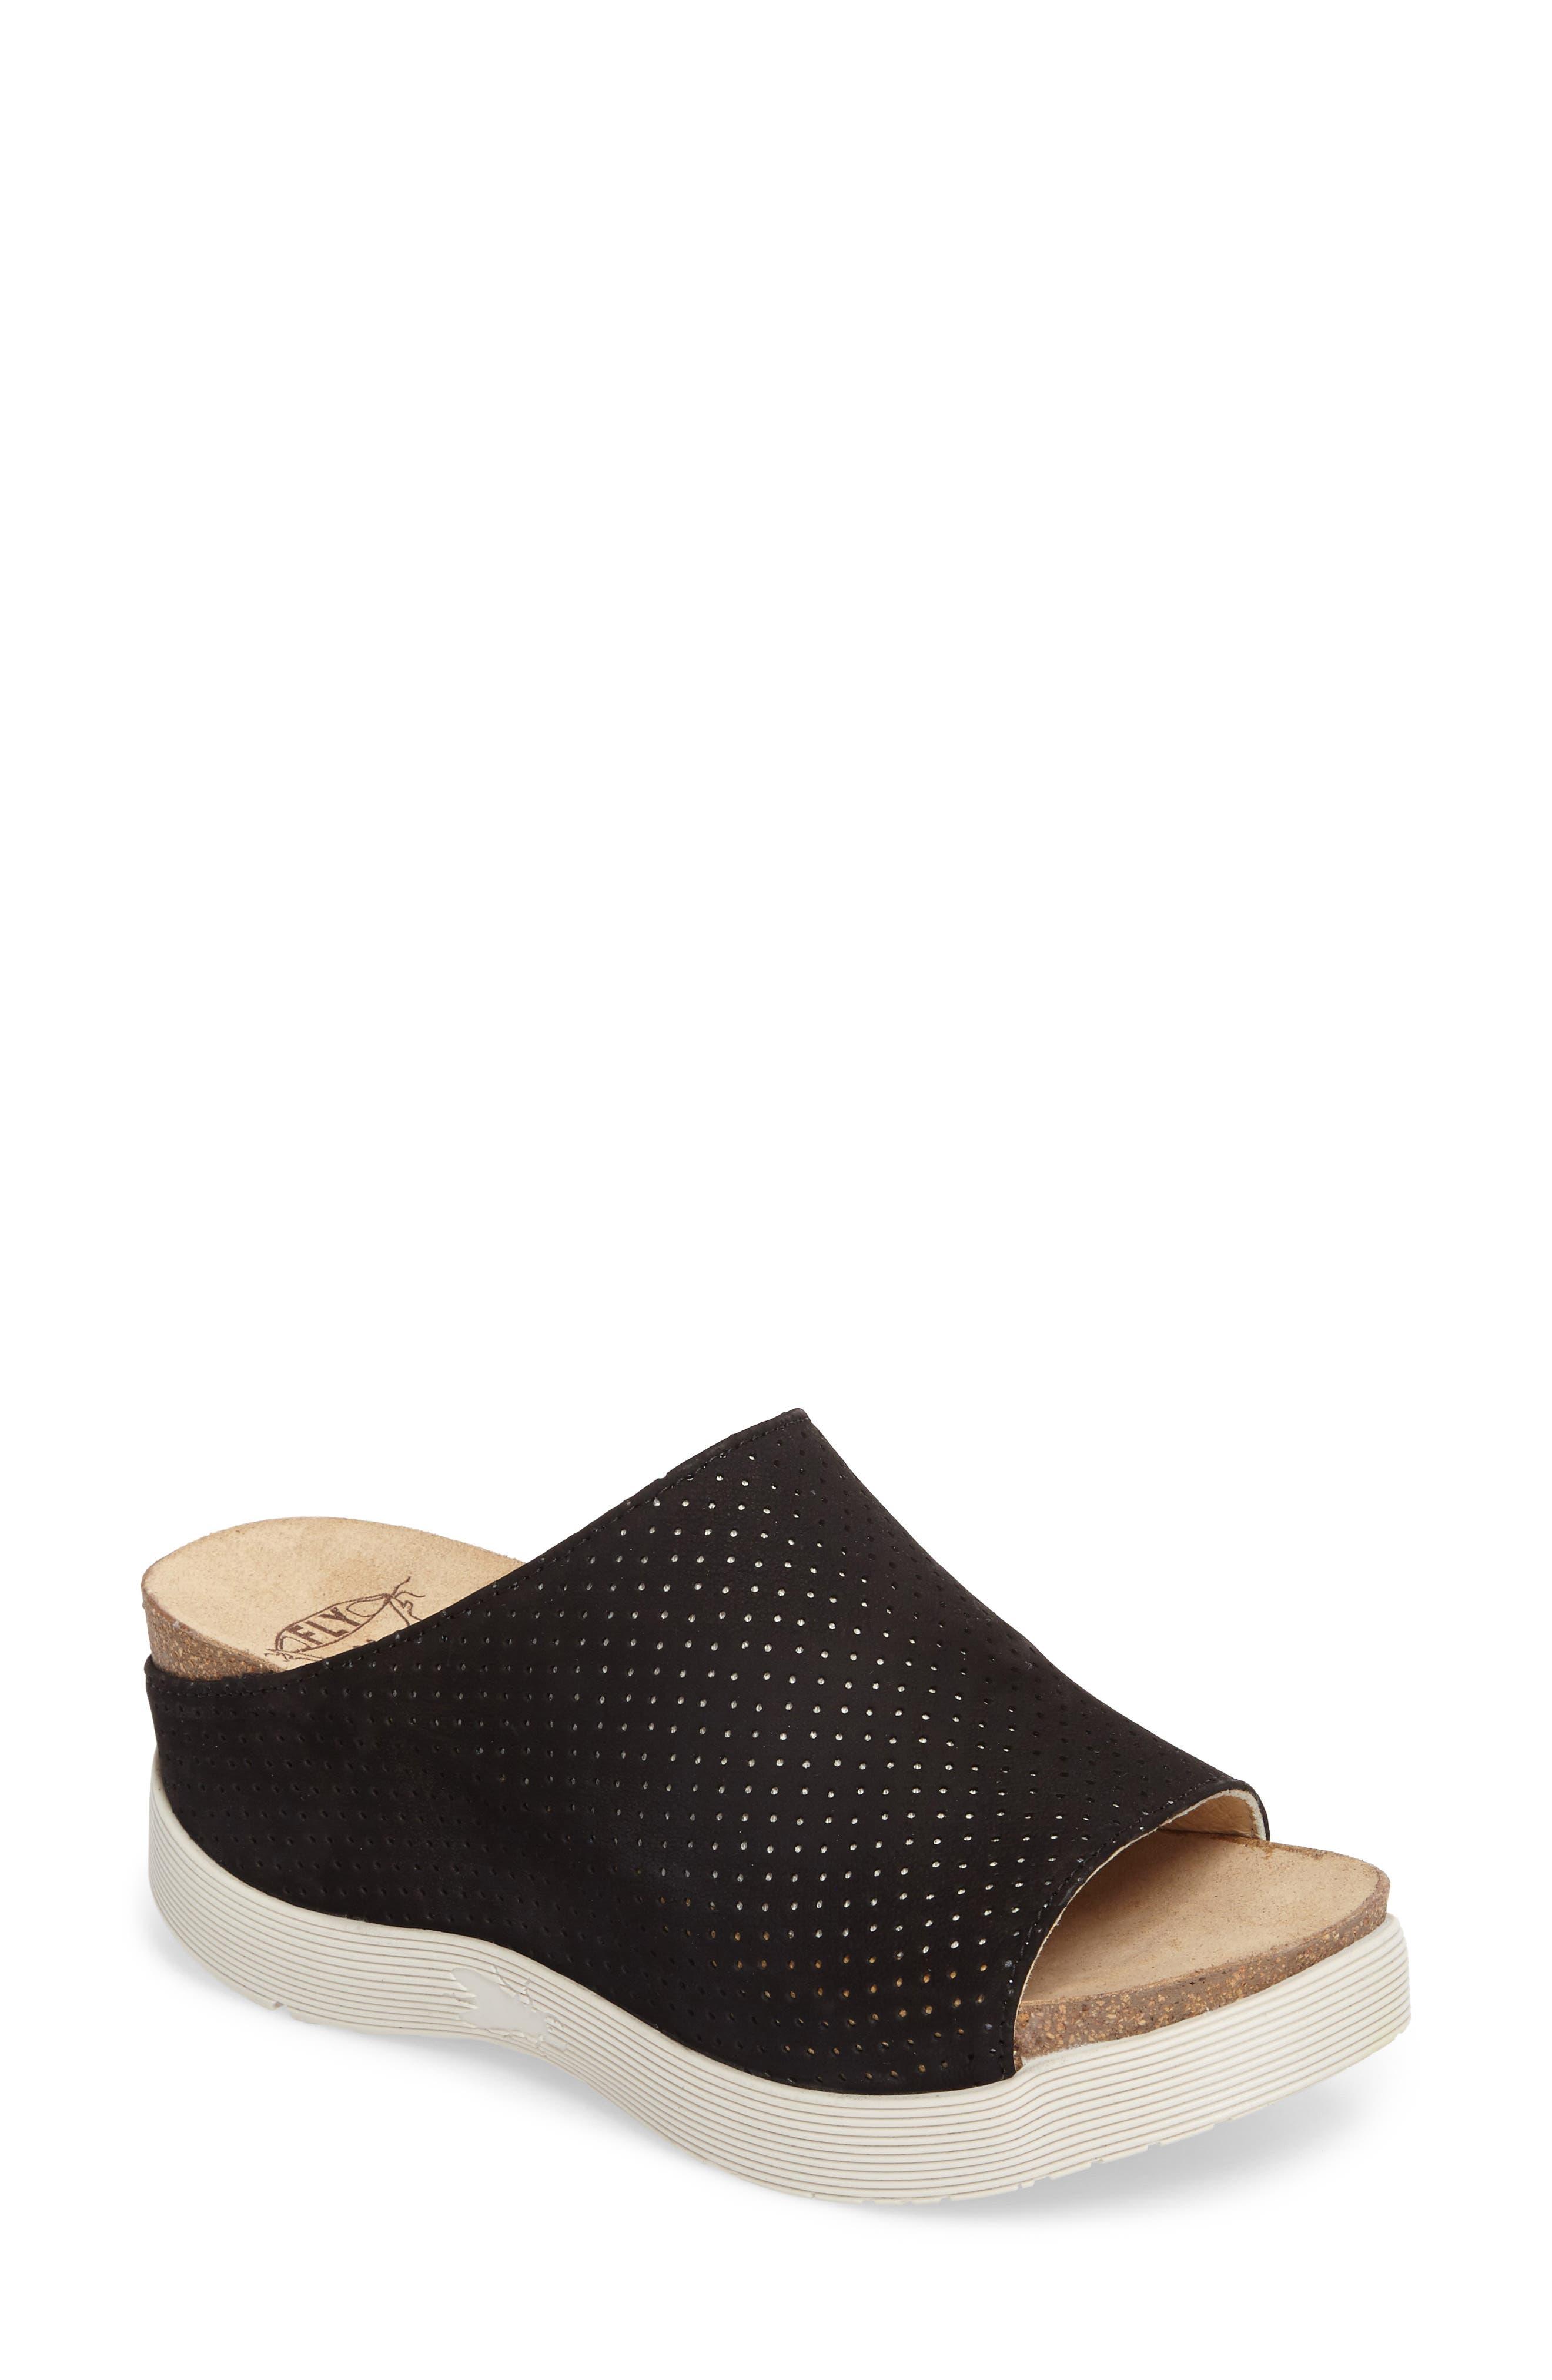 Whin Platform Sandal,                         Main,                         color, BLACK CUPIDO LEATHER